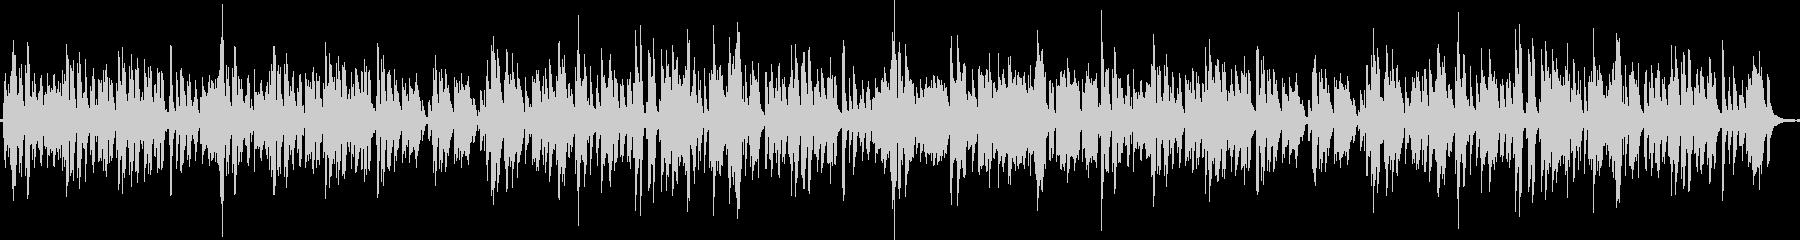 古いジャズ、ブルース調・レコード再生風の未再生の波形